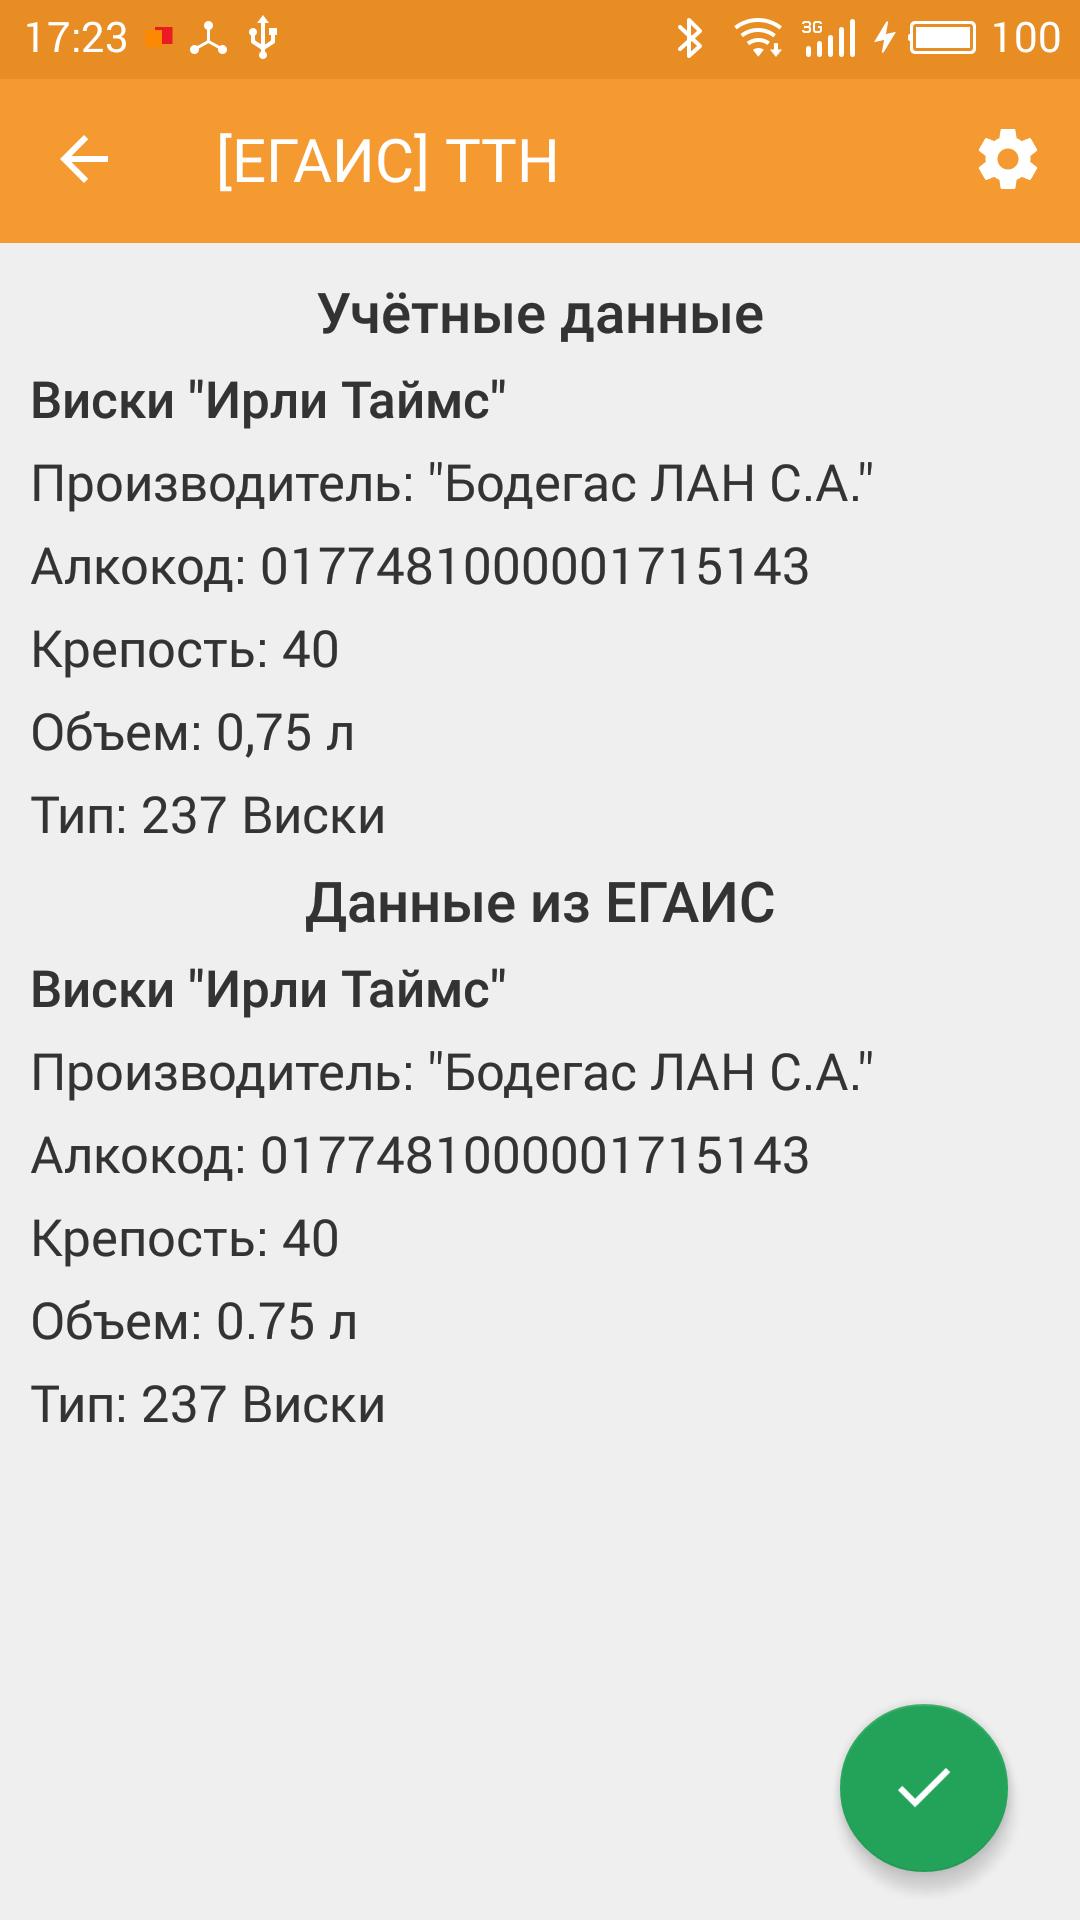 Проверка акцизной марки в ЕГАИС